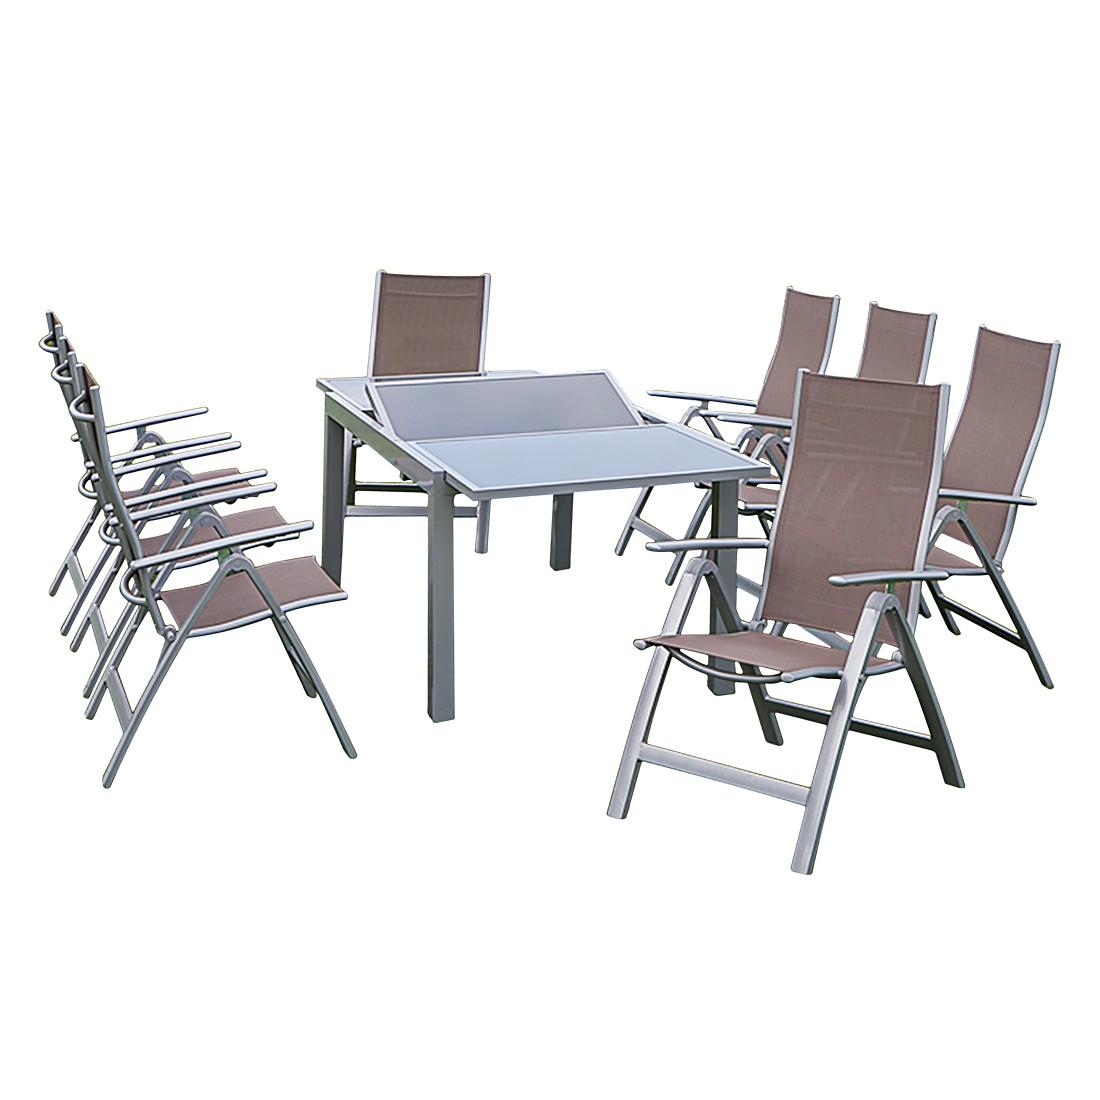 Gartenessgruppe Carrara II (9-teilig) - Aluminium - Taupe, Merxx